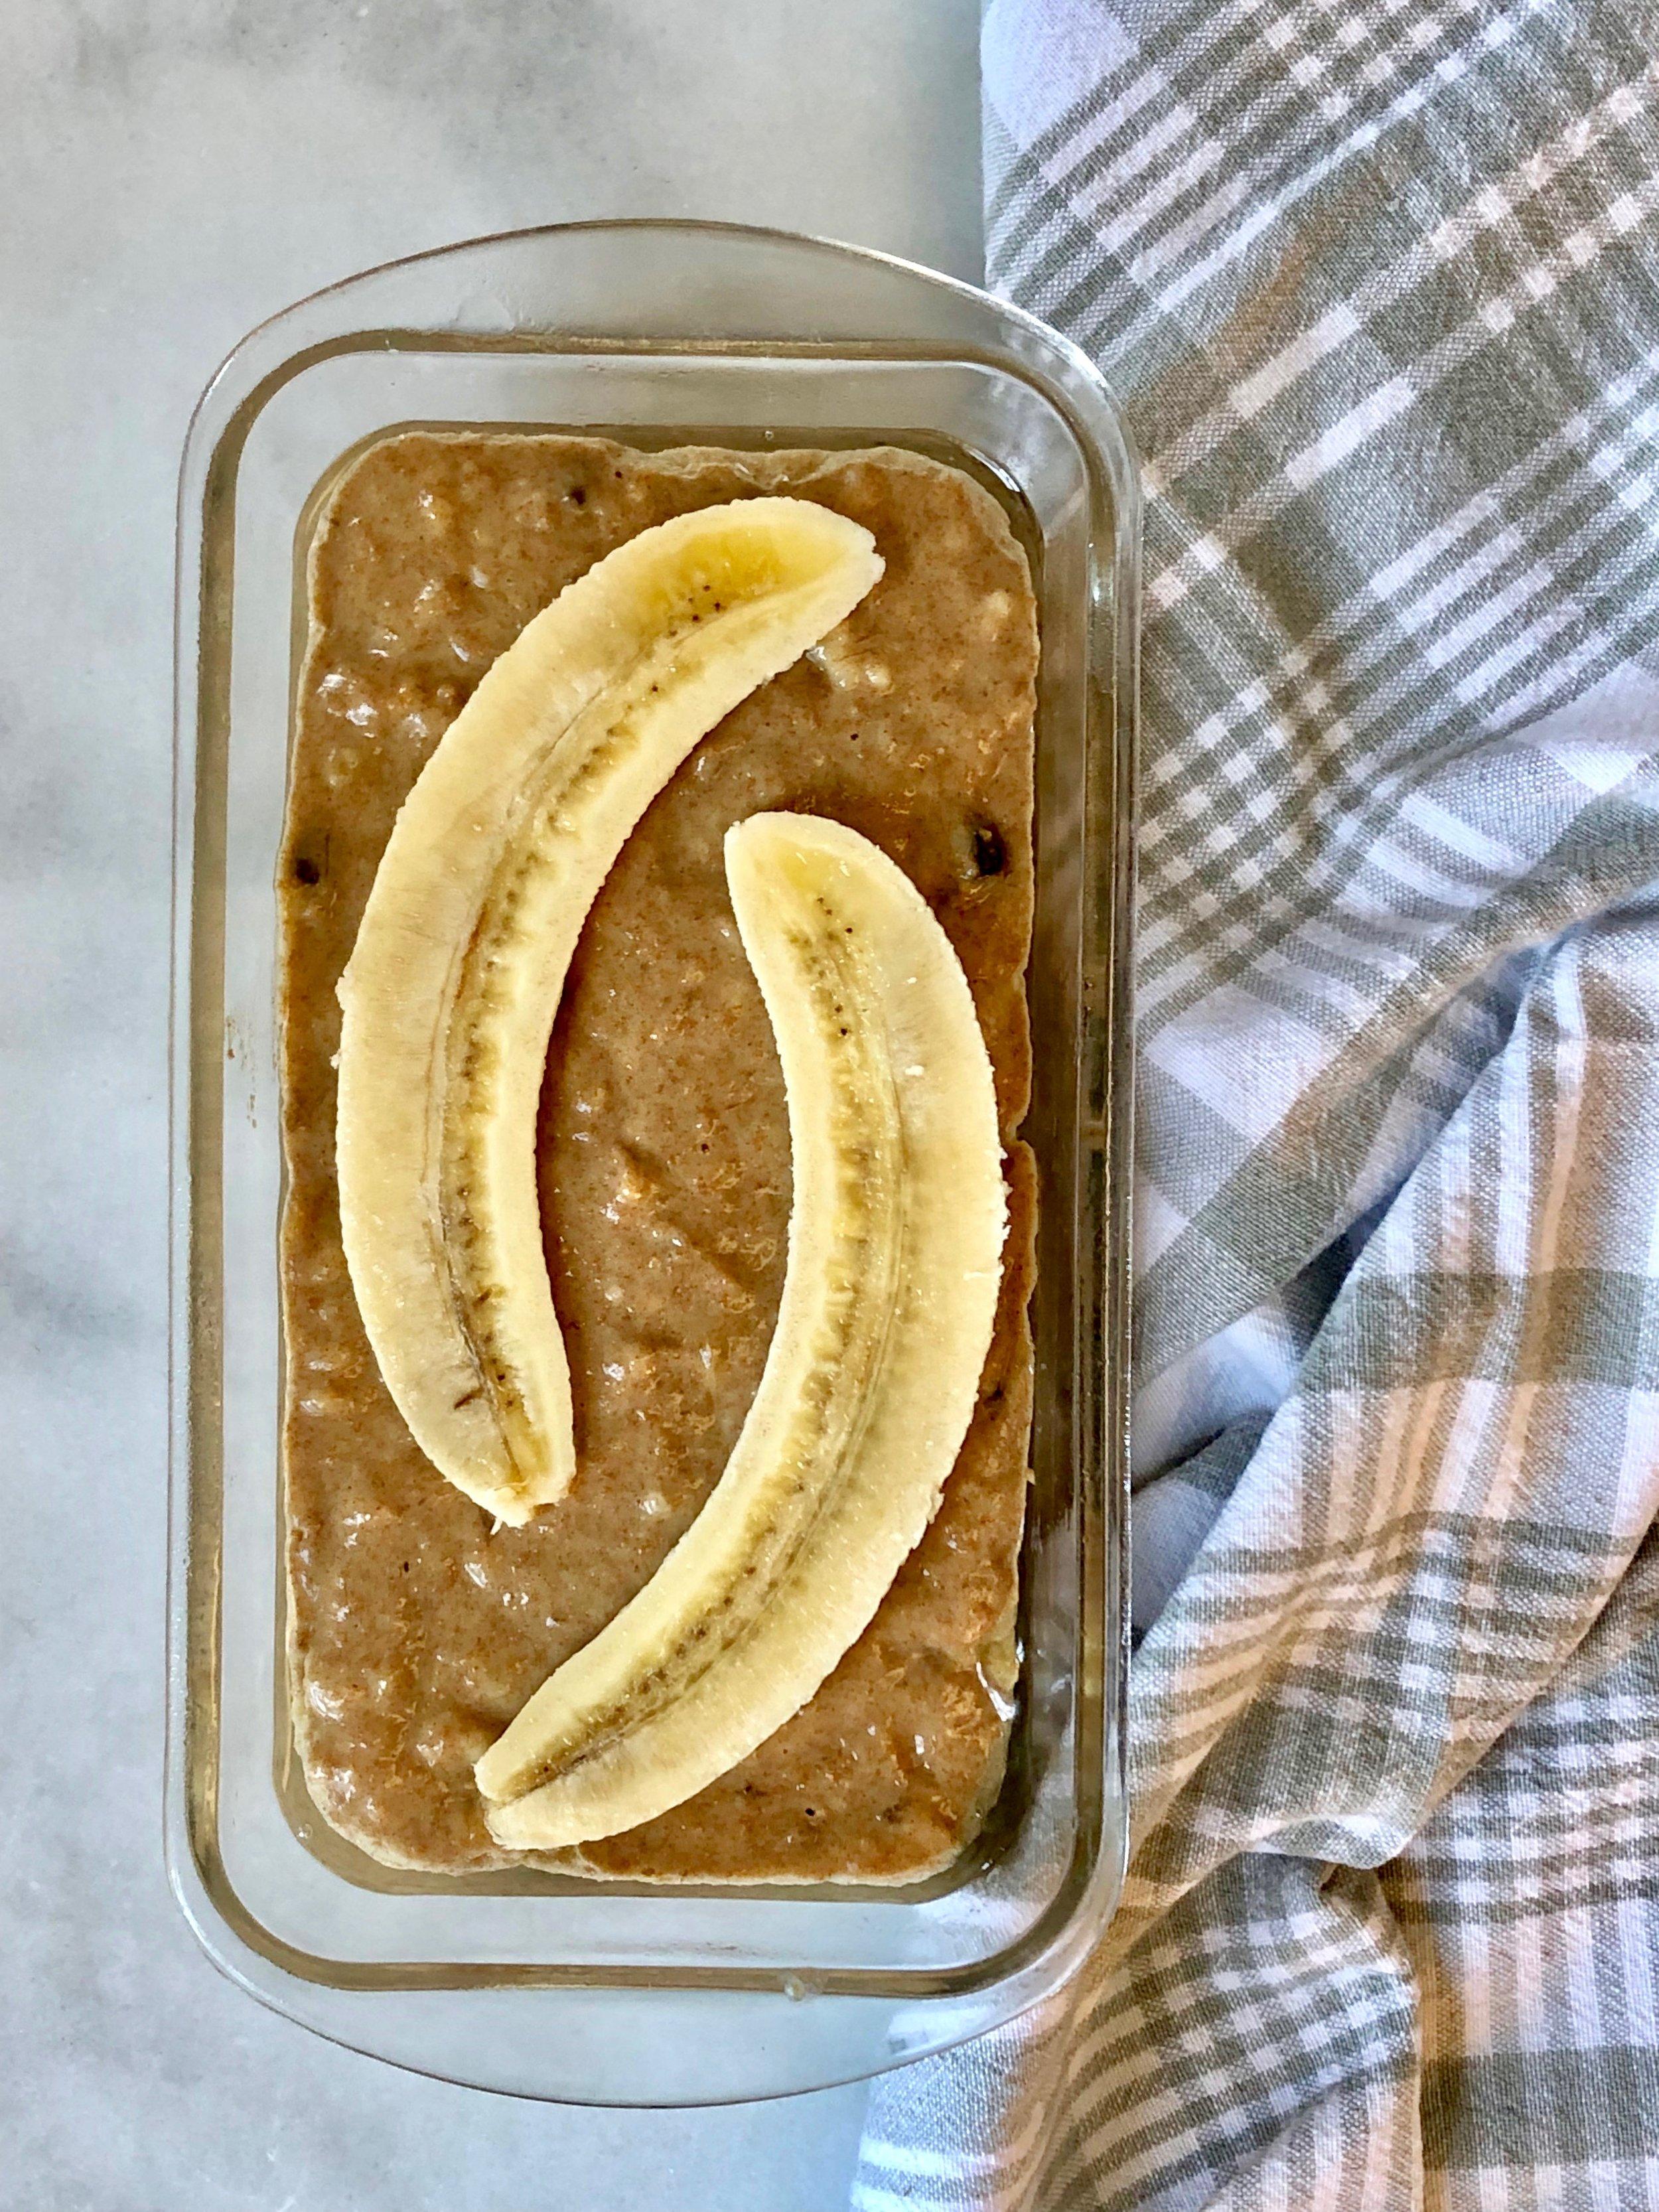 Banana Tahini Bread ready to bake